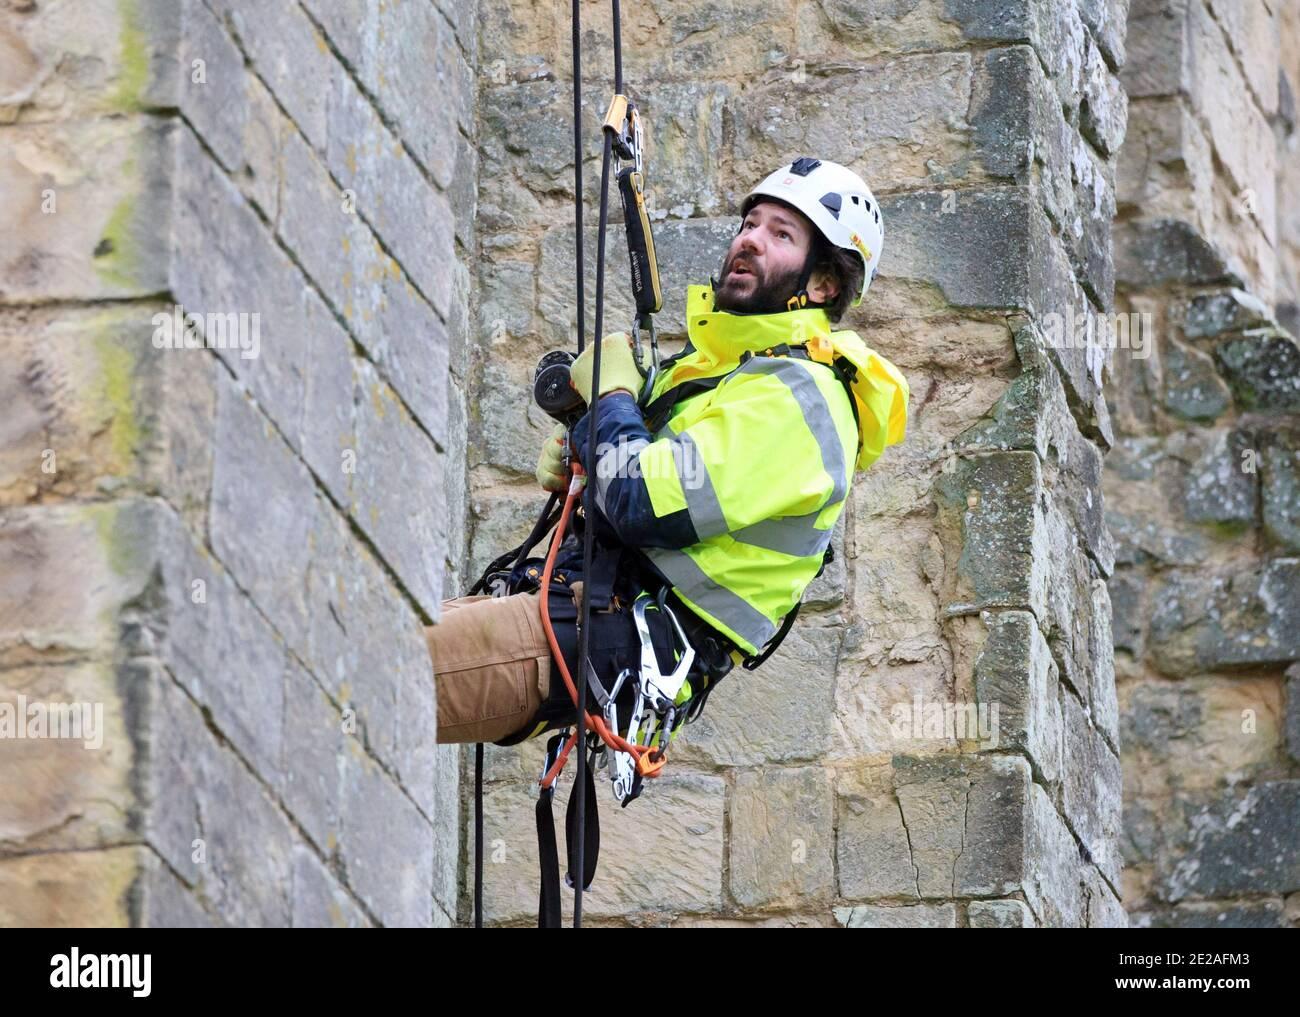 Stonemason James Preston da SSH Conservation, ascili da Rievaulx Abbey nel Nord Yorkshire come l'inglese Heritage si prepara a svolgere vitale lavoro di conservazione. English Heritage commissiona un'indagine all'abbazia di Rievaulx su un ciclo di cinque anni per valutare la condizione dell'abbazia dal piano terra fino alla cima della struttura. Foto Stock